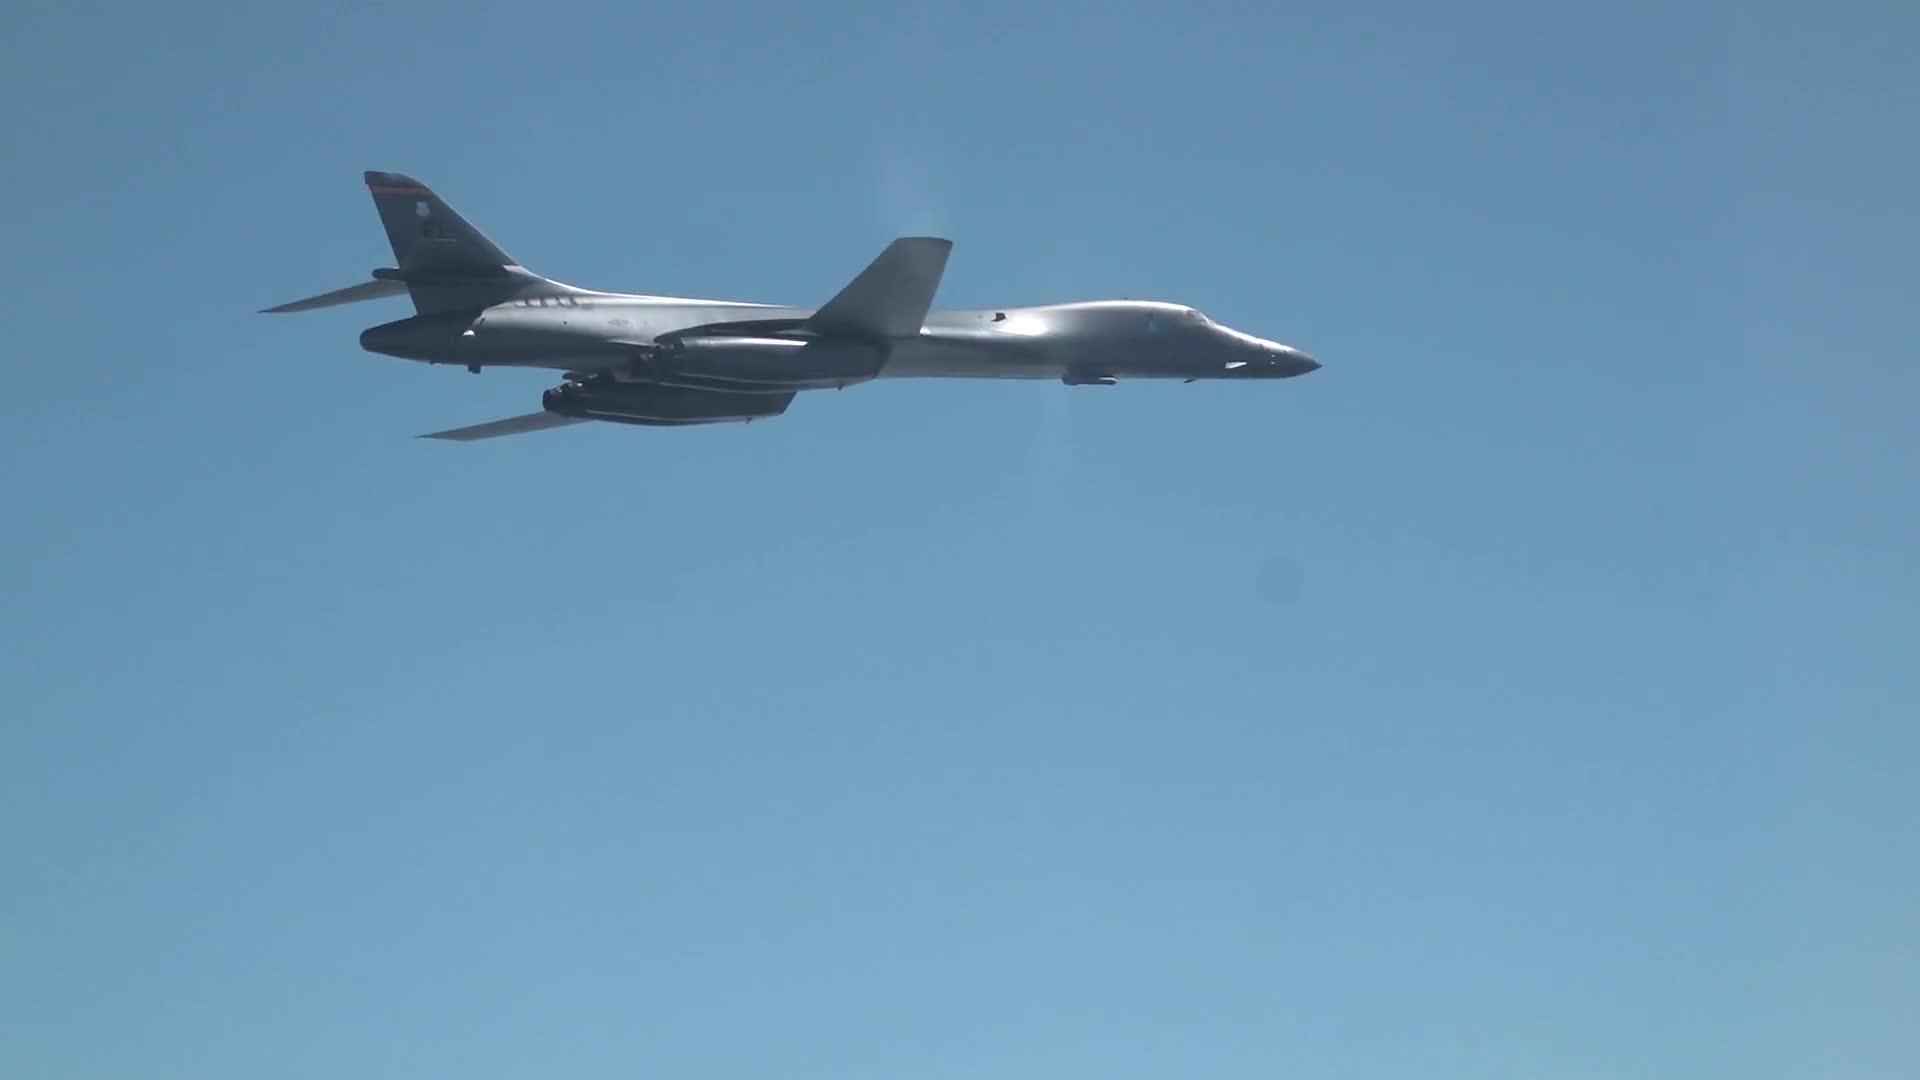 korea, miliatrygfys, southkorea, USAF B-1B, USMC F-35B, ROKAF F-15K GIFs